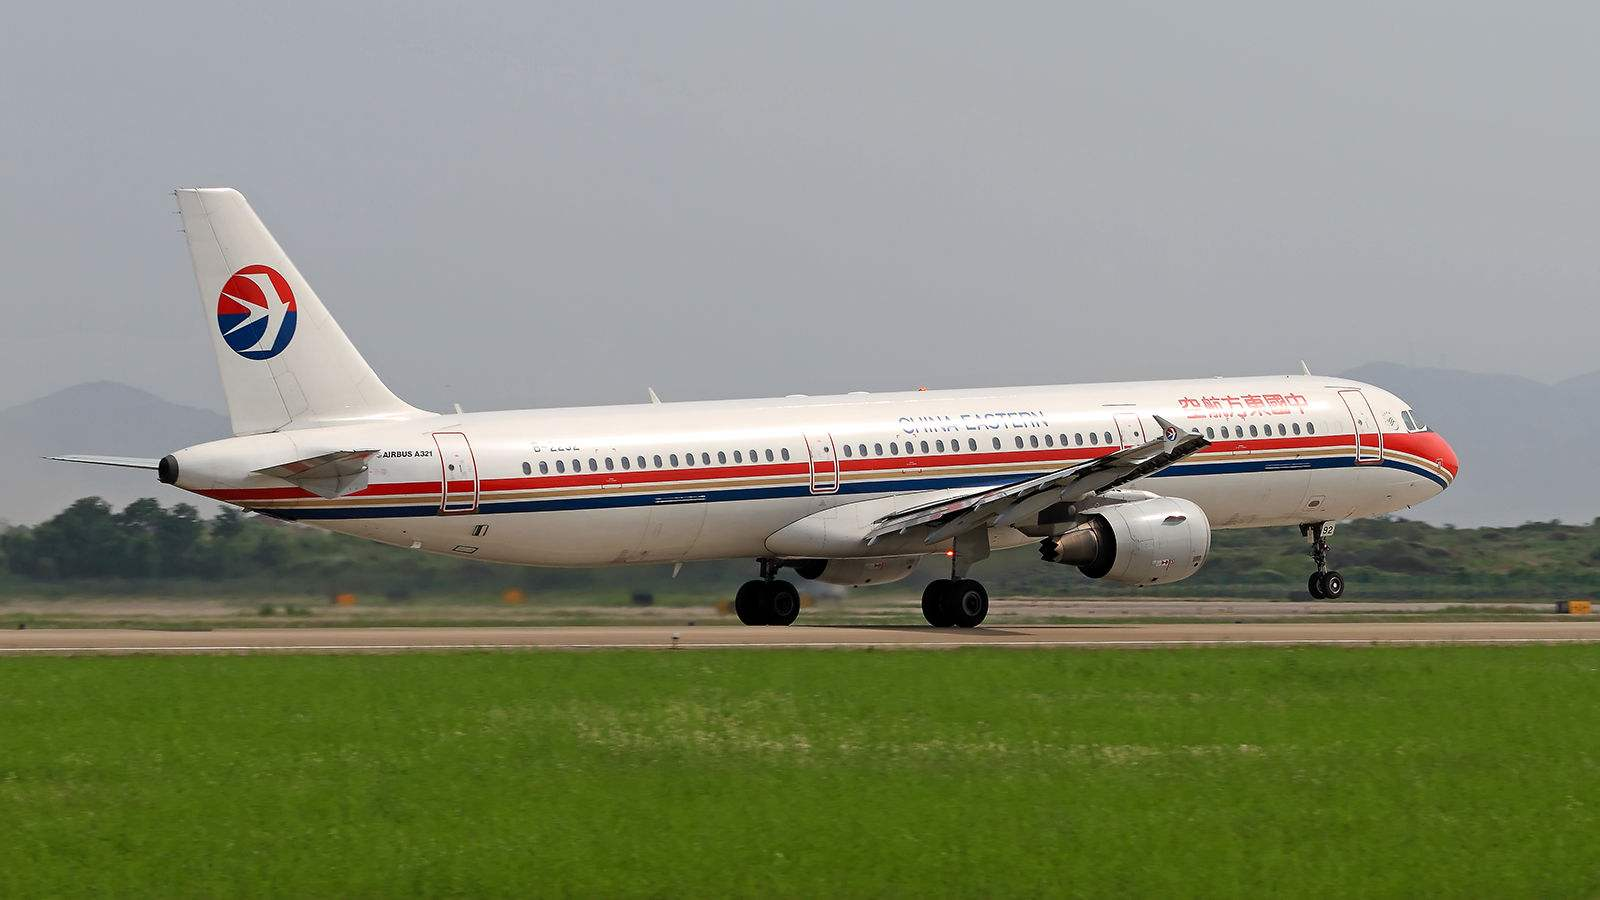 东方航空纽约到浦东航班起飞后故障 最终返航安全落地